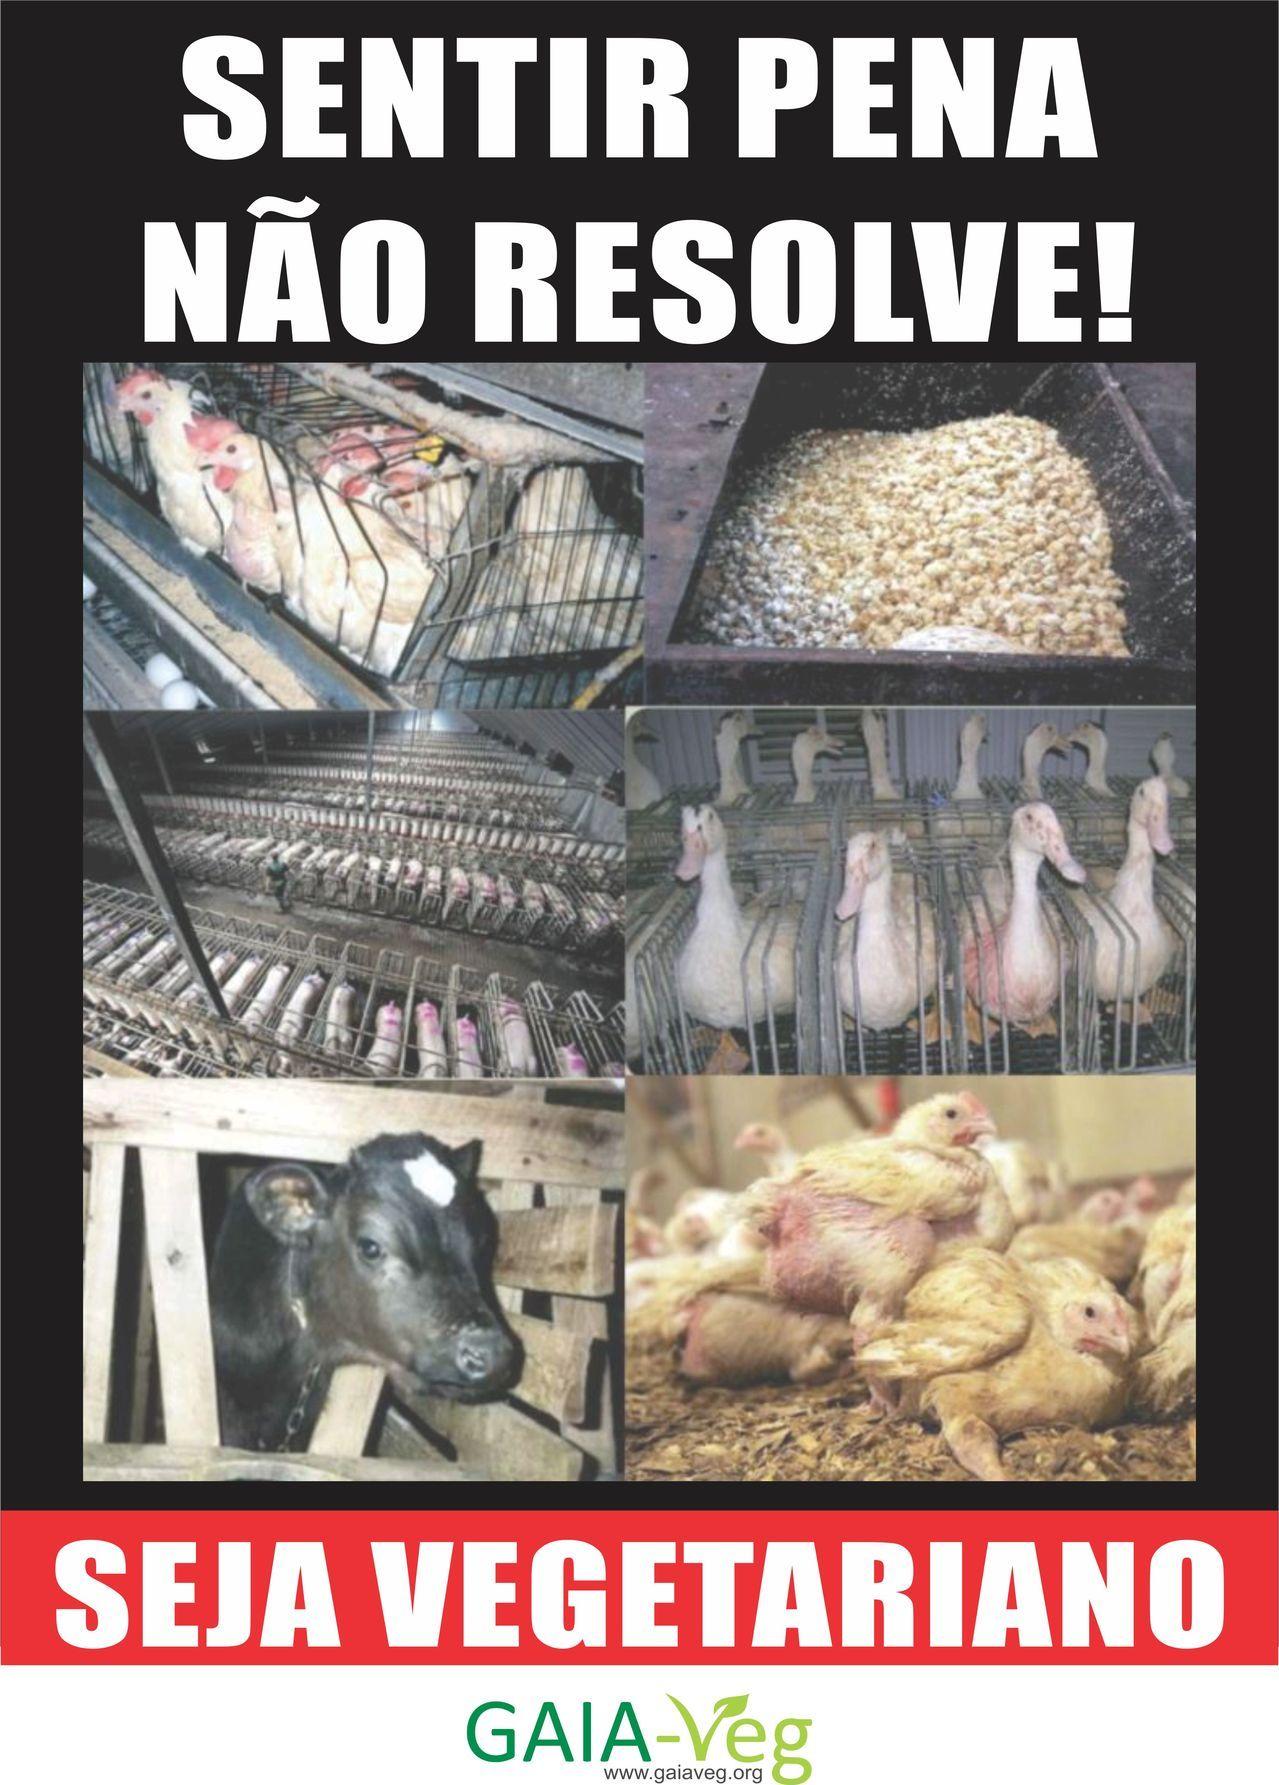 Sentir pena não resolve! Seja vegetariano